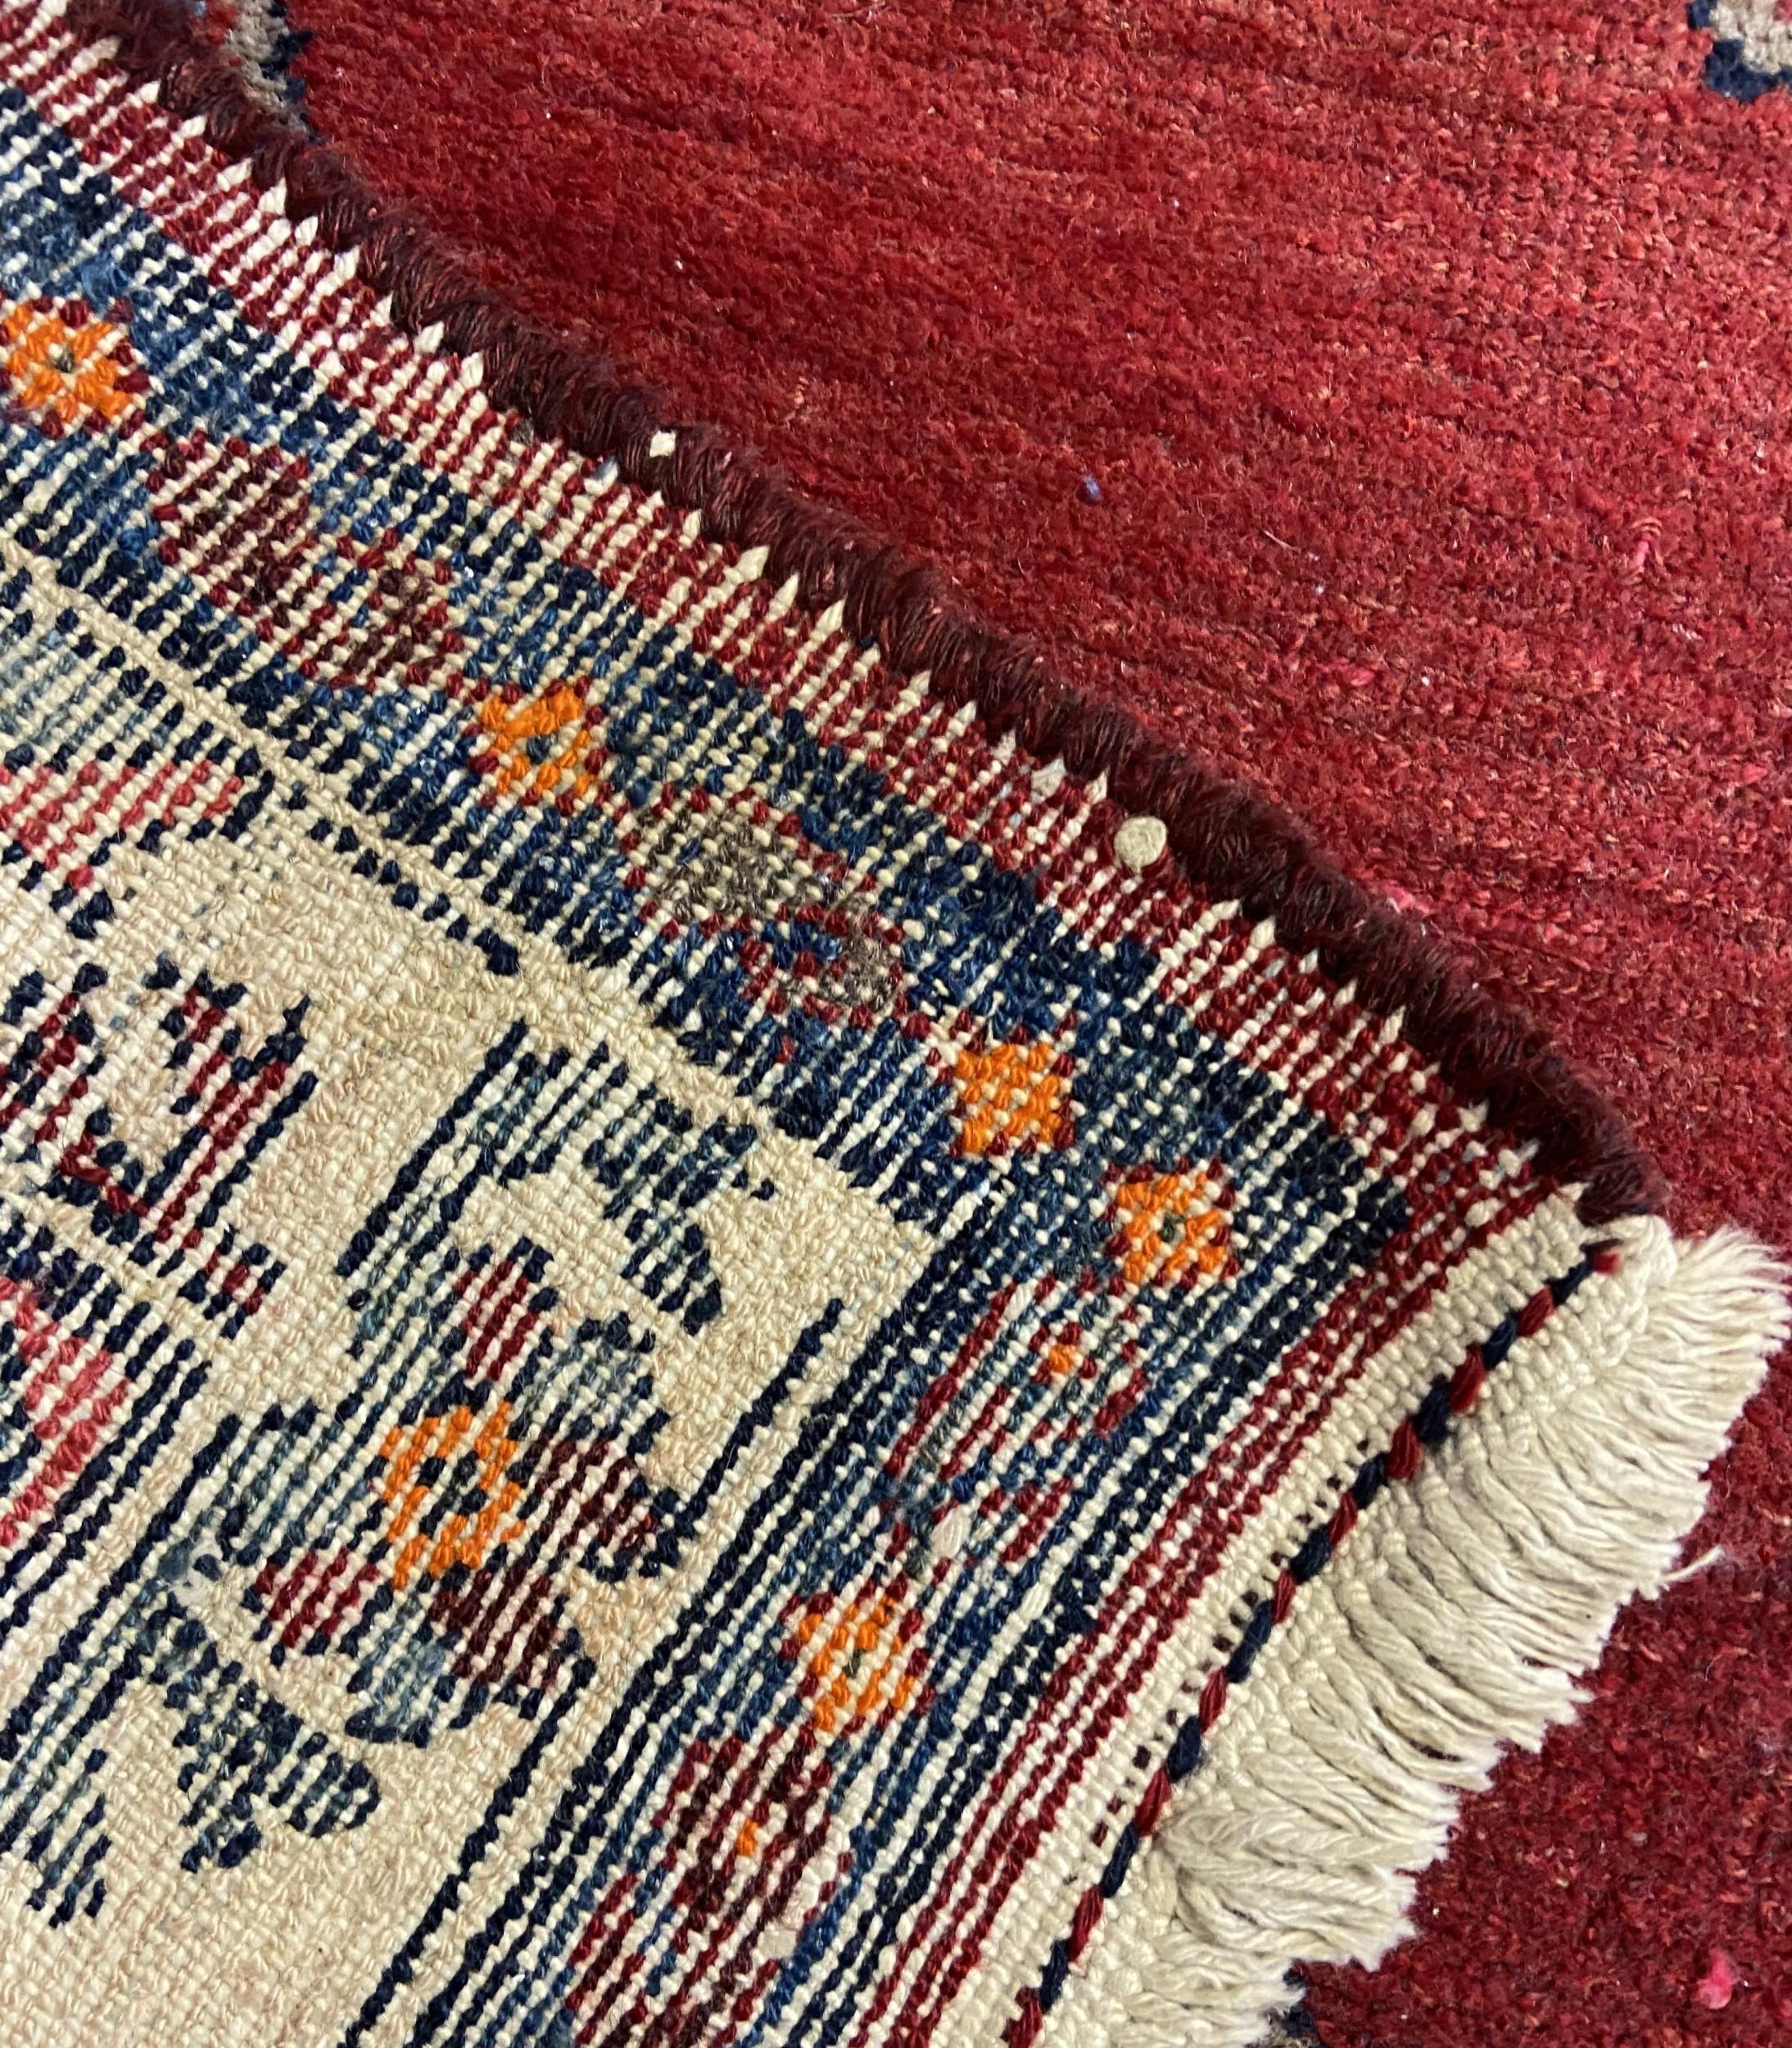 Antique hand made Iranian rug.[185x102cm] - Image 4 of 4